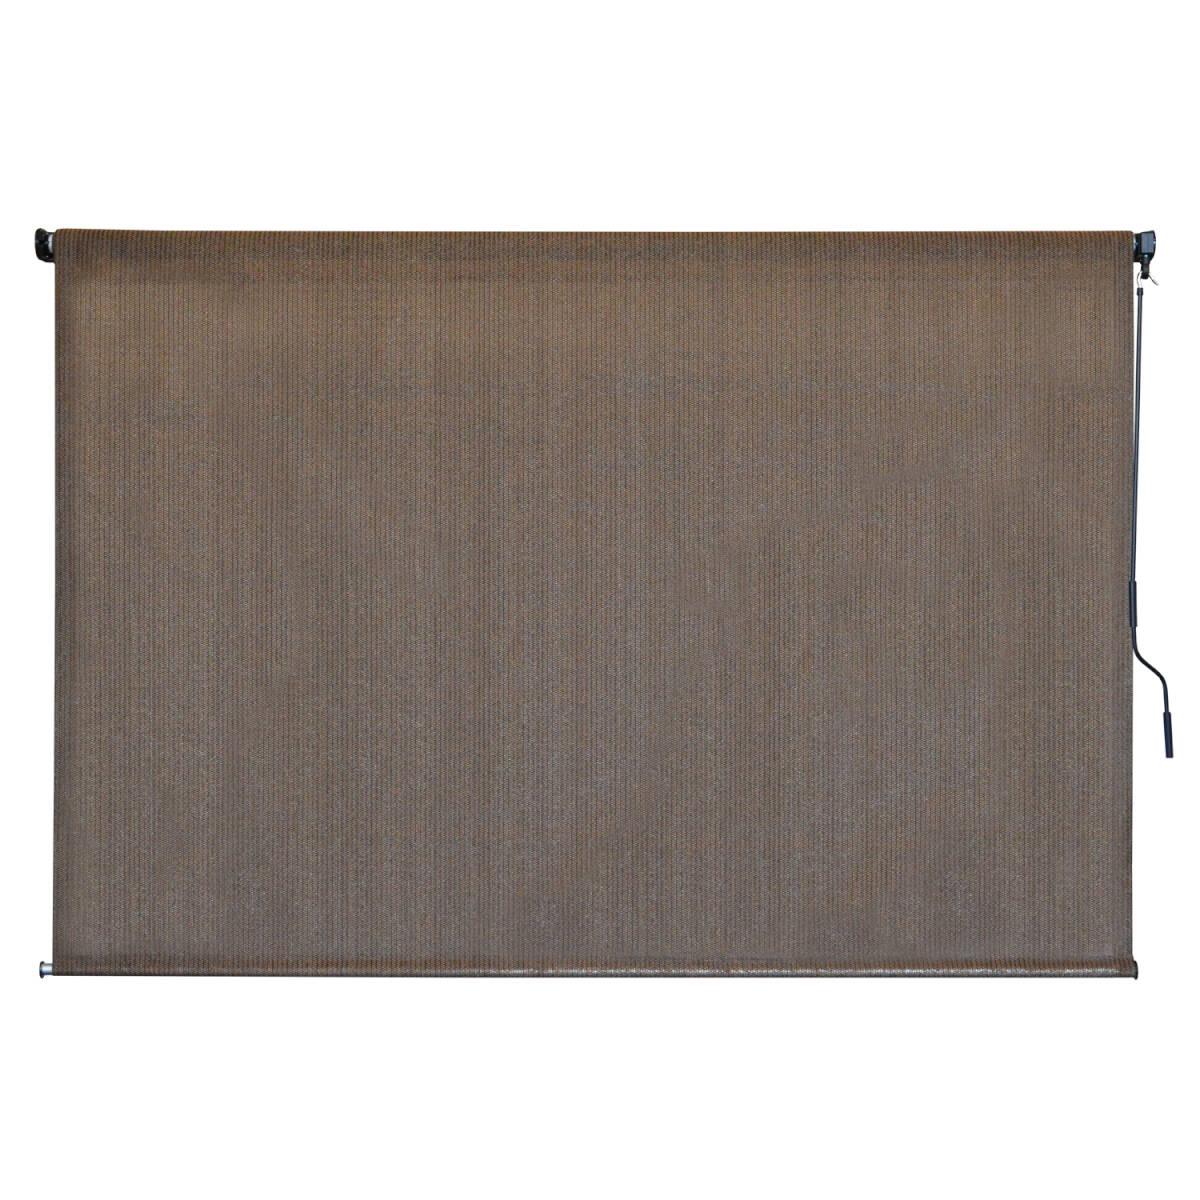 Keystone Fabrics SL20.6